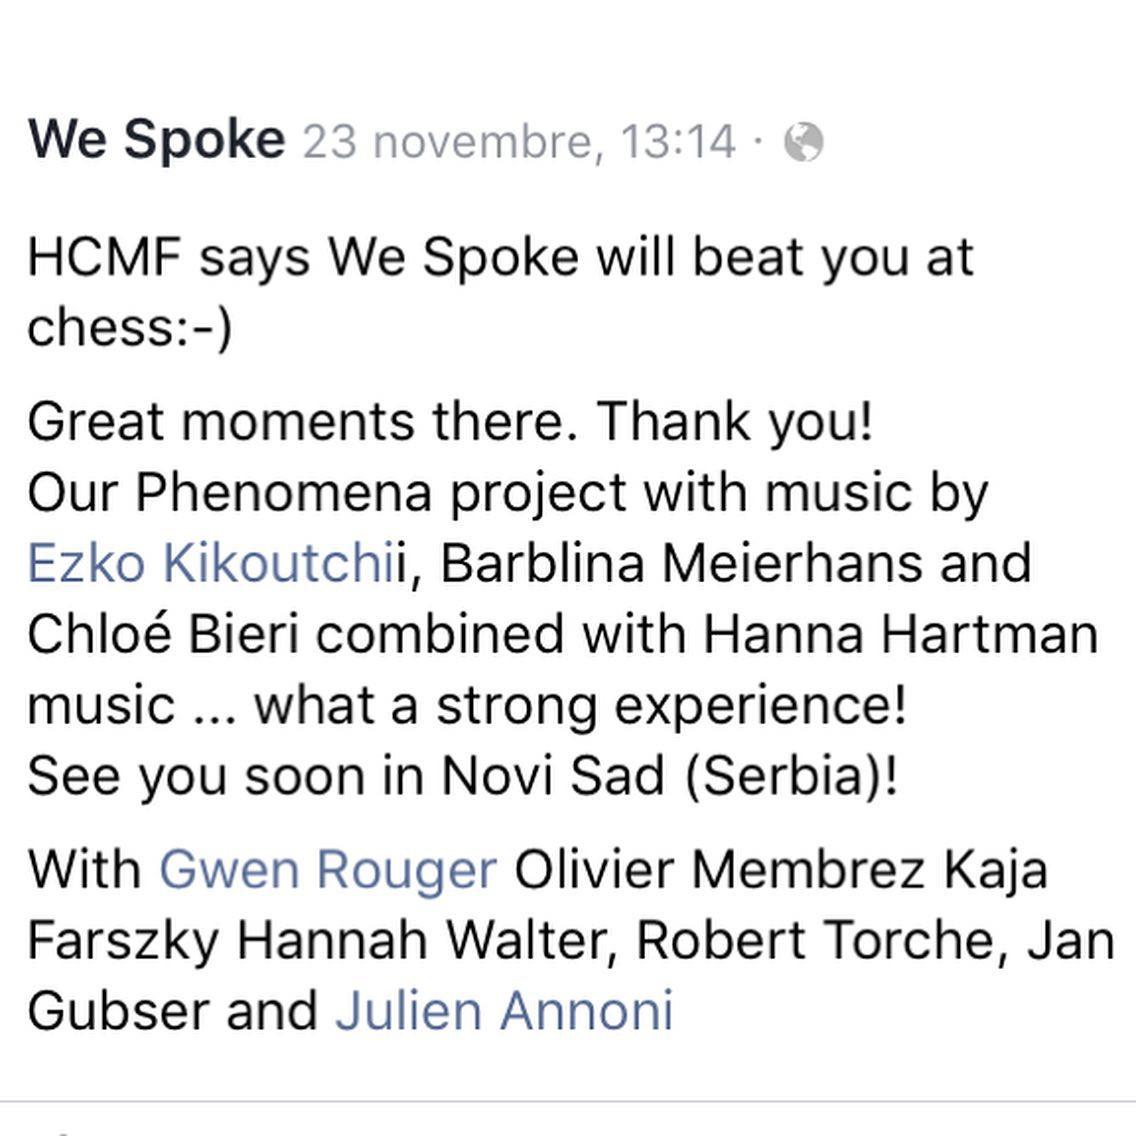 We Spoke